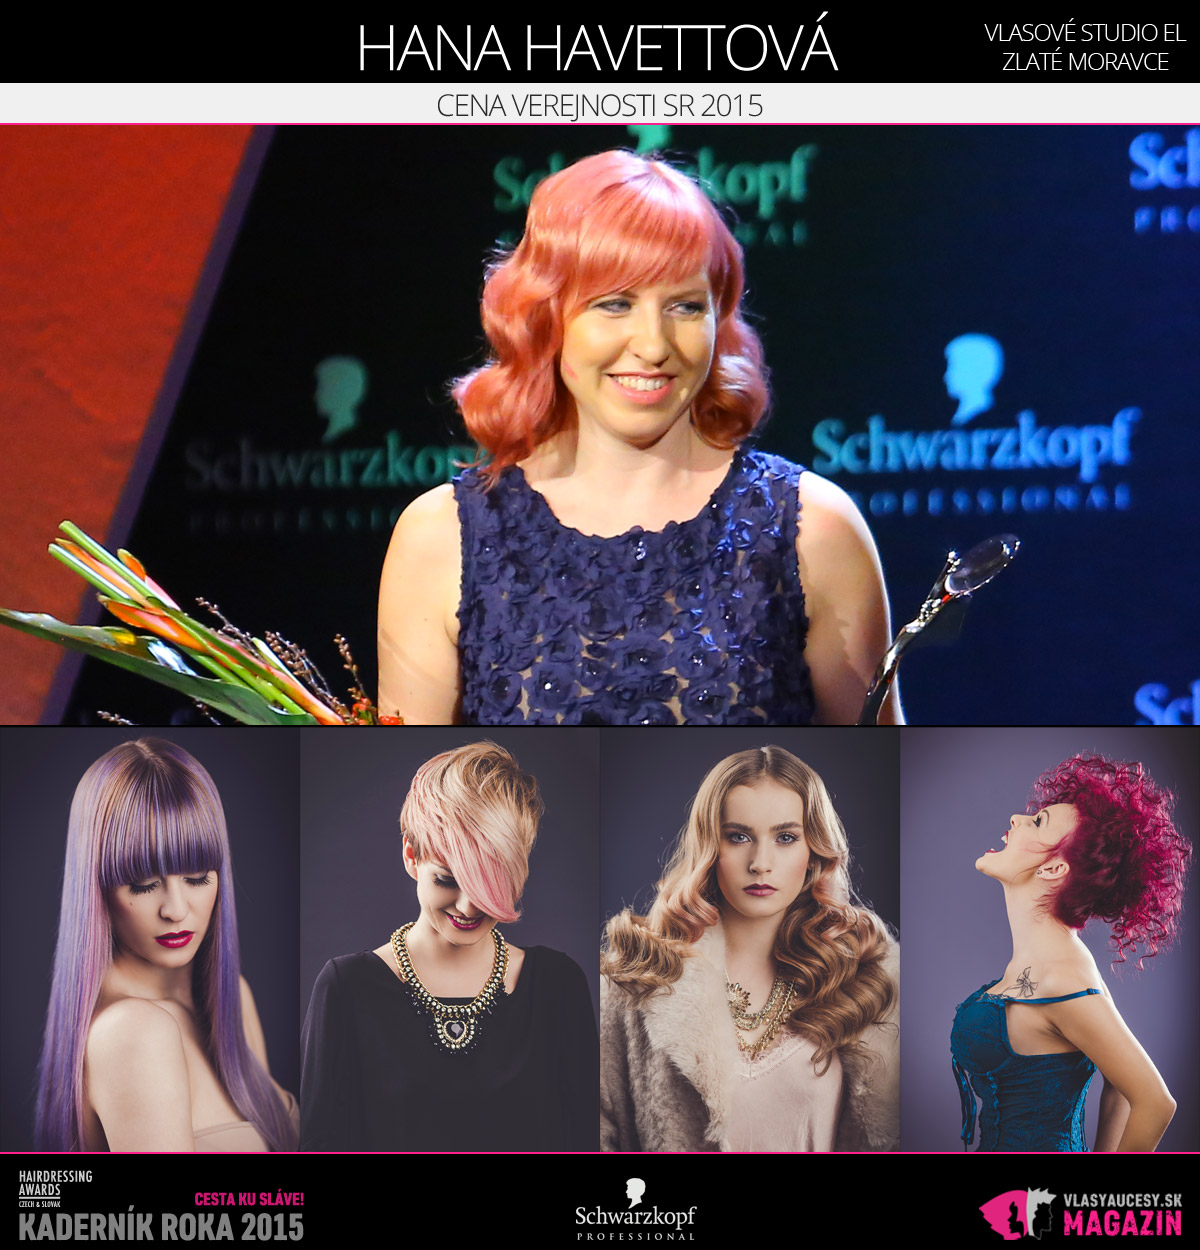 Víťazom v kategórii Cena verejnosti SR Czech and Slovak Hairdressing Awards 2015 Hana Havettová z Vlasového štúdia EL v Zlatých Moravciach.